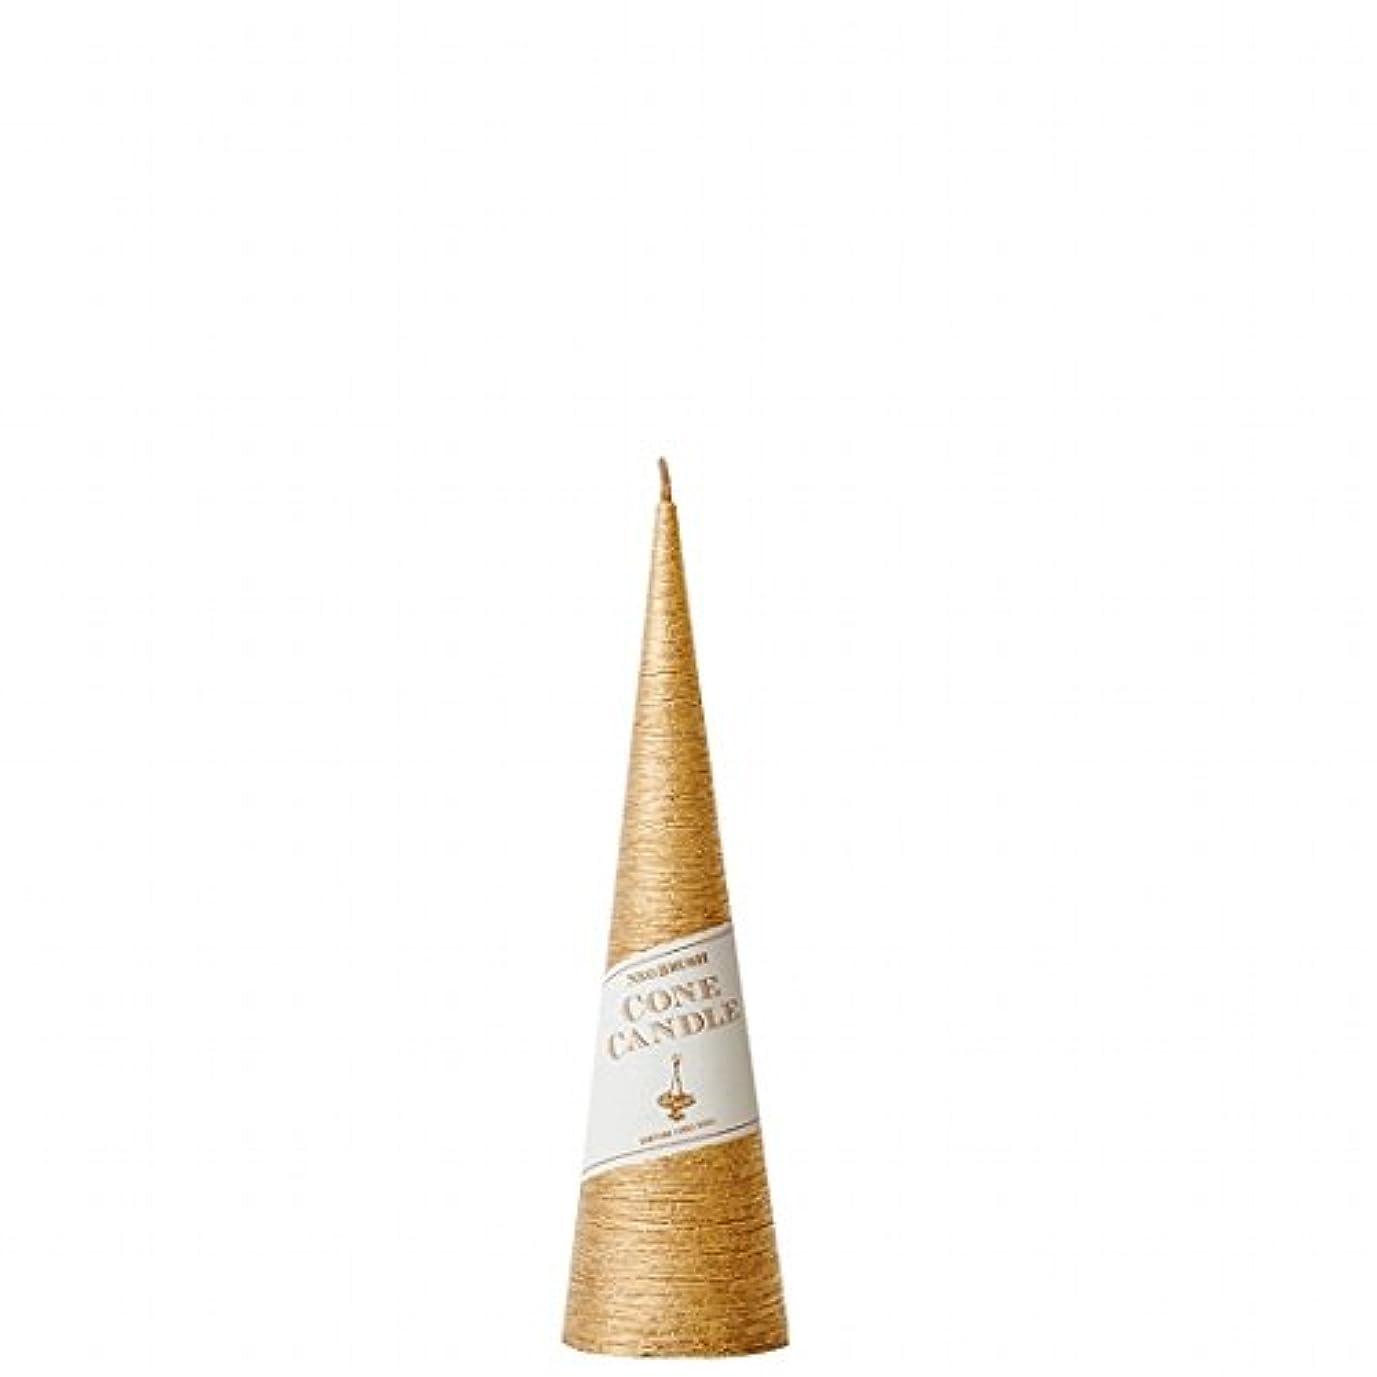 新しさ測定微弱kameyama candle(カメヤマキャンドル) ネオブラッシュコーン 180 キャンドル 「 ゴールド 」 6個セット(A9750110GO)